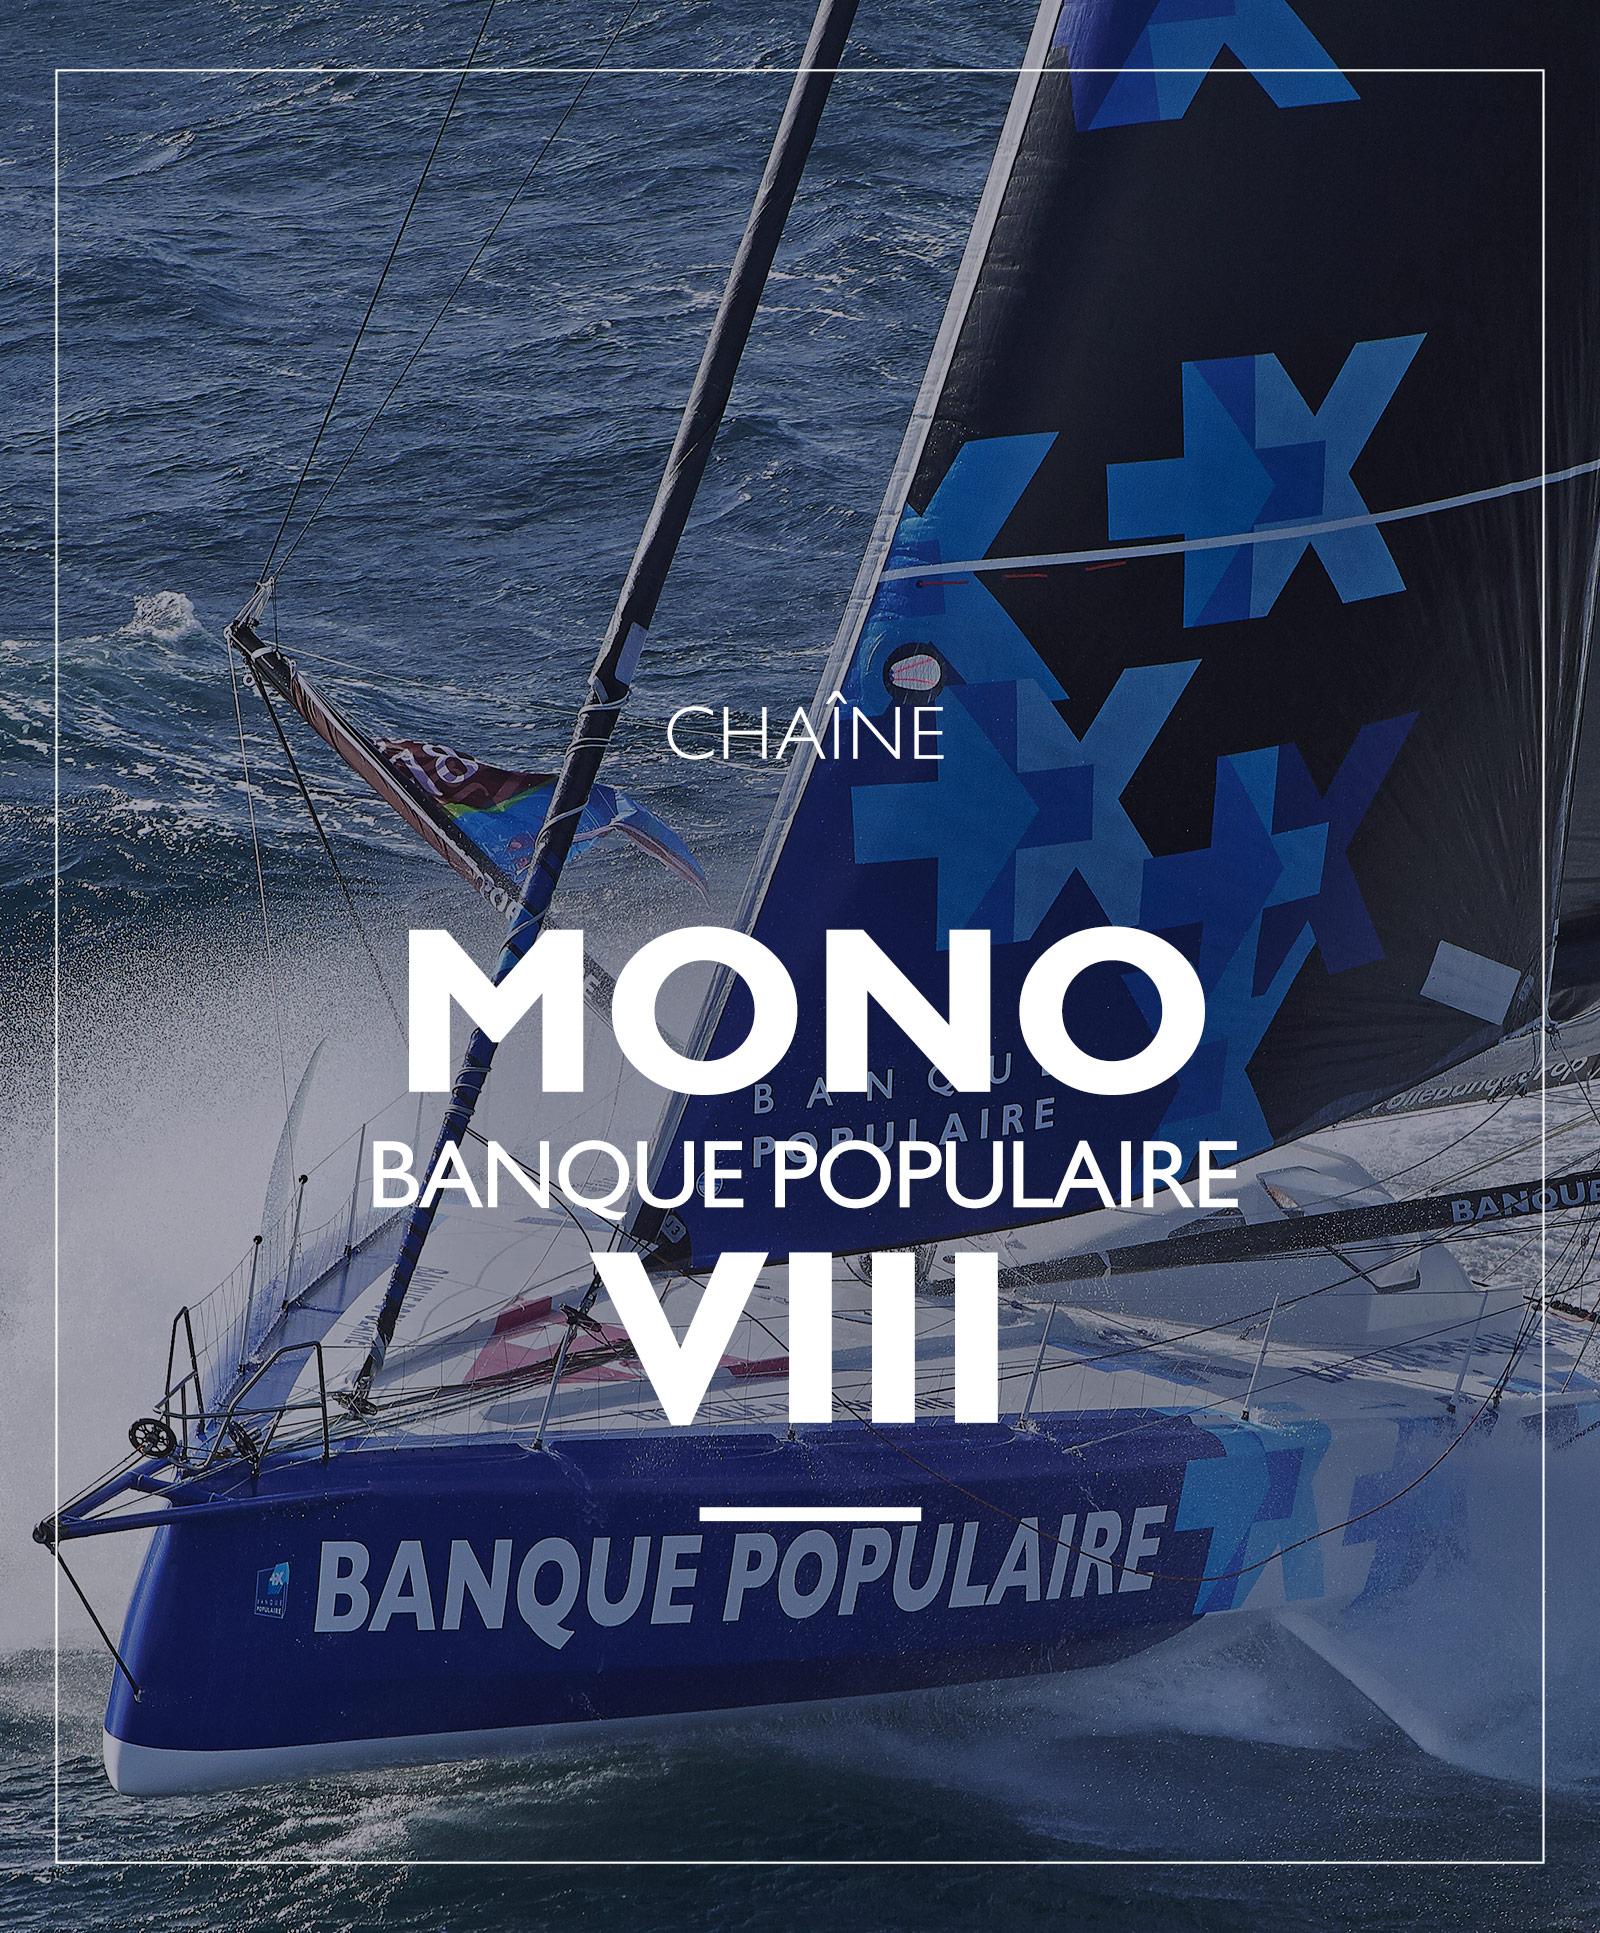 chaine Mono Banque Populaire VIII